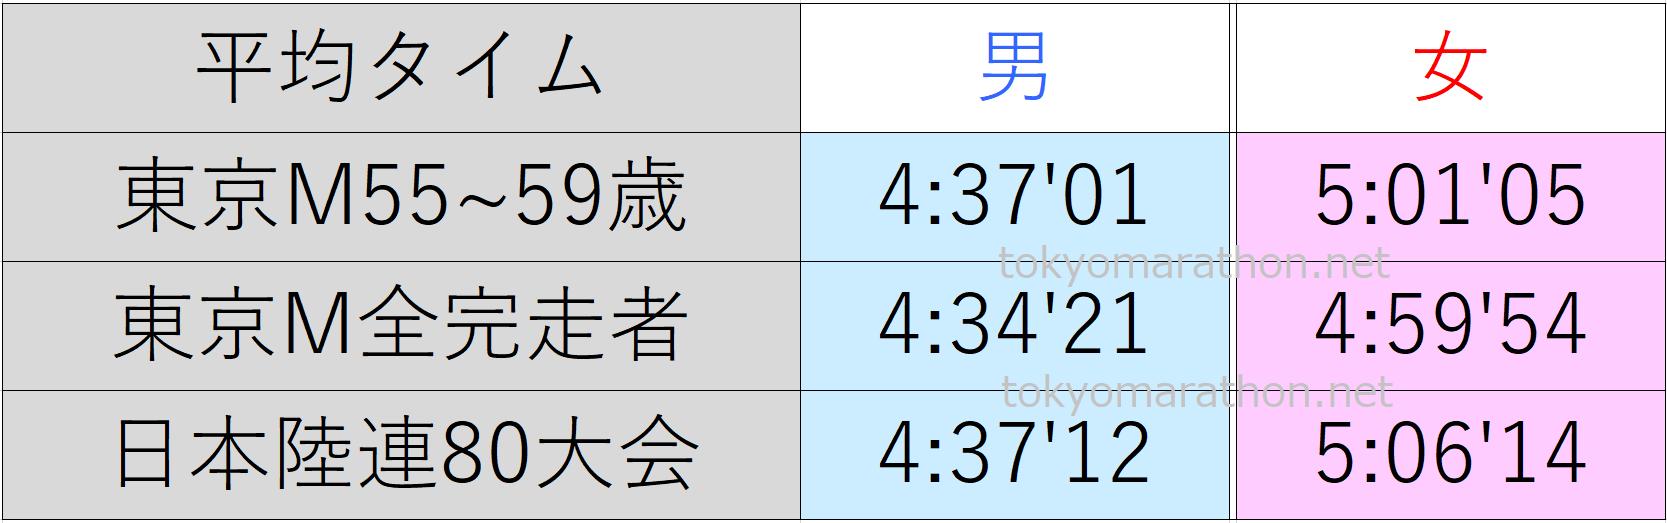 東京マラソン55~59歳の平均タイム、東京マラソン全ランナーの平均タイム、日本陸連公認の80大会の平均タイム一覧表。すべて男女別にまとめた画像です。